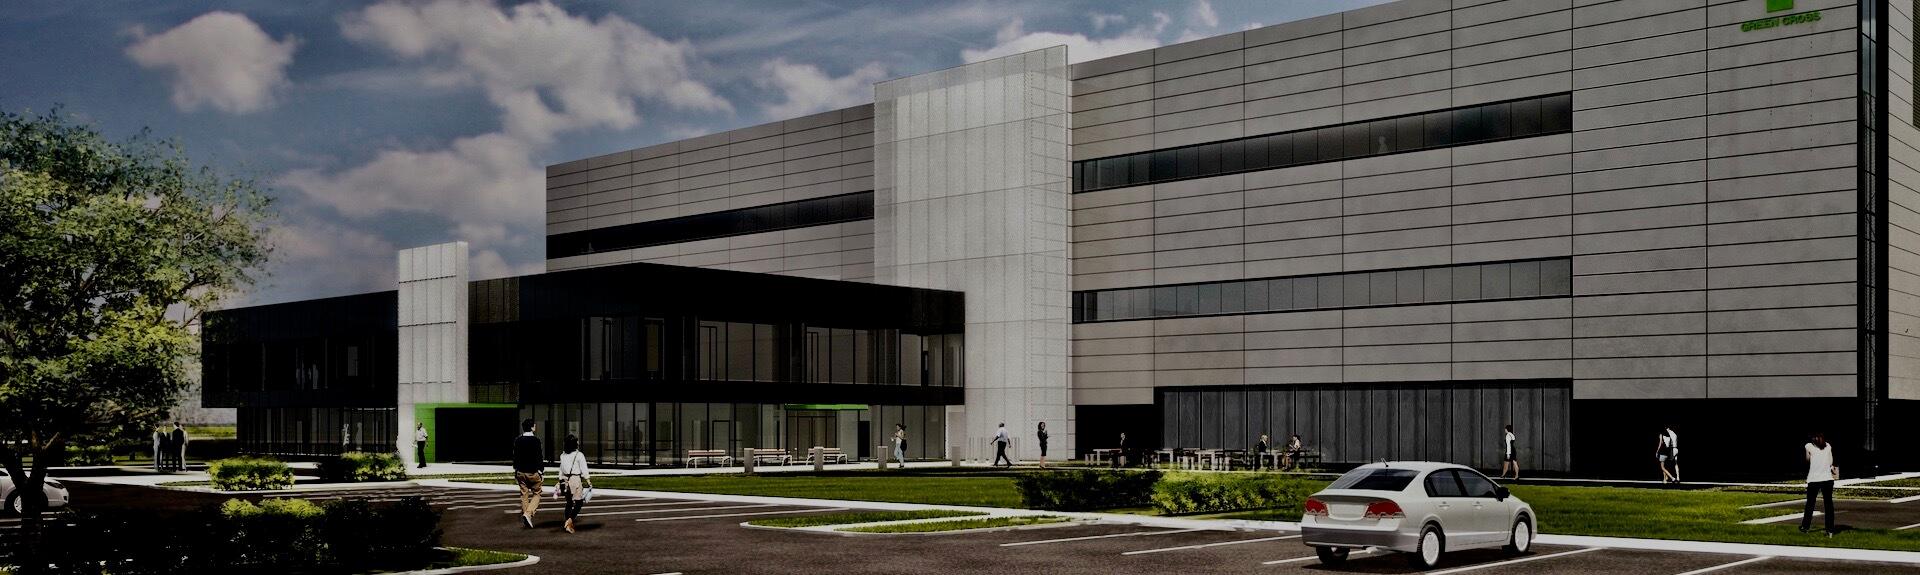 Maquette de la nouvelle usine de Green Cross Biotherapeutics, Montréal, Québec